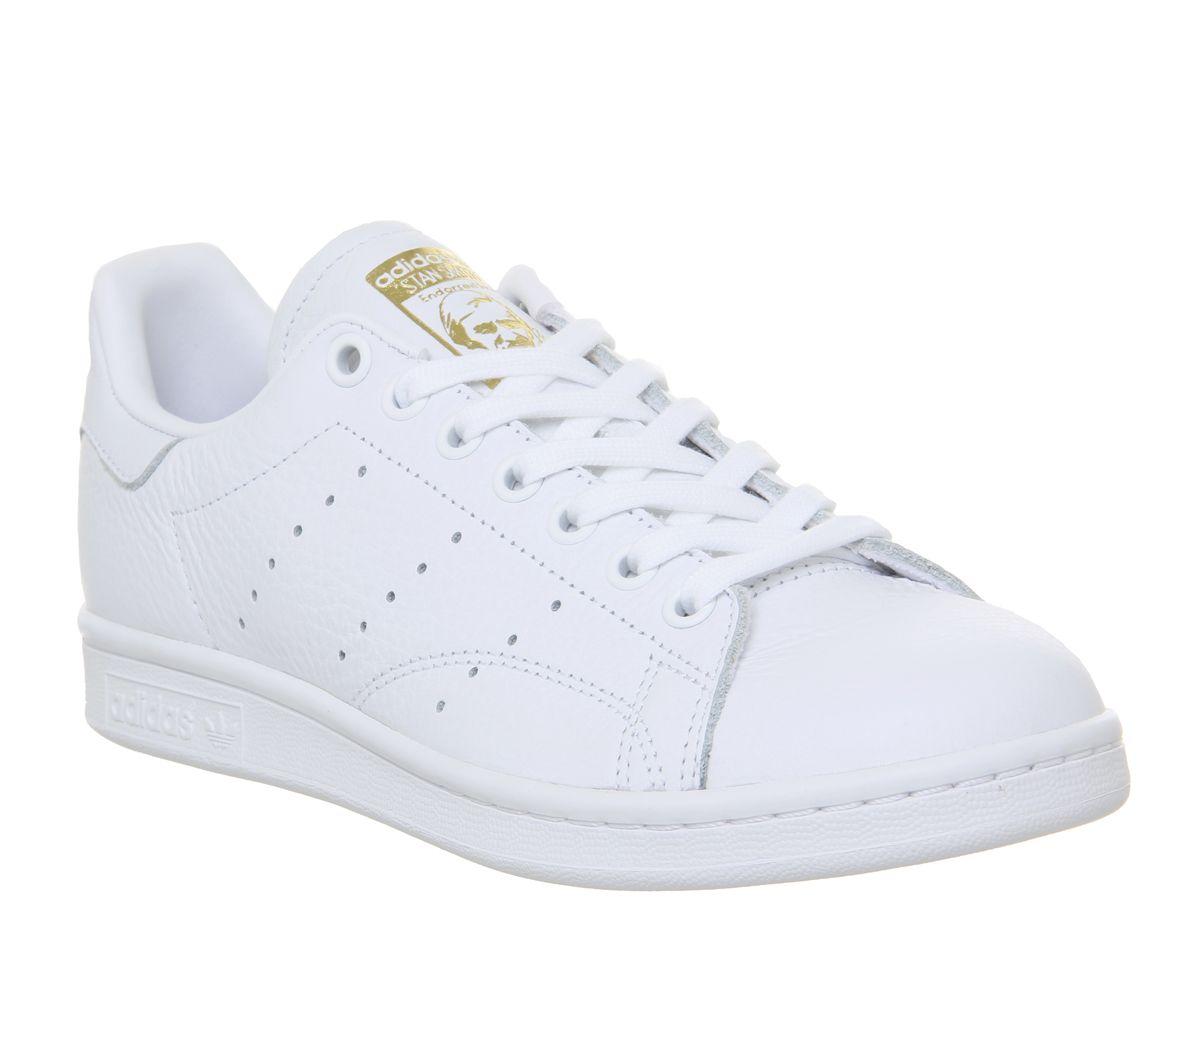 site réputé 45fd5 3a075 Détails sur Short Femme Adidas Stan Smith Baskets Blanc Véritable Lilas or  Brut F Baskets Chaussures- afficher le titre d'origine